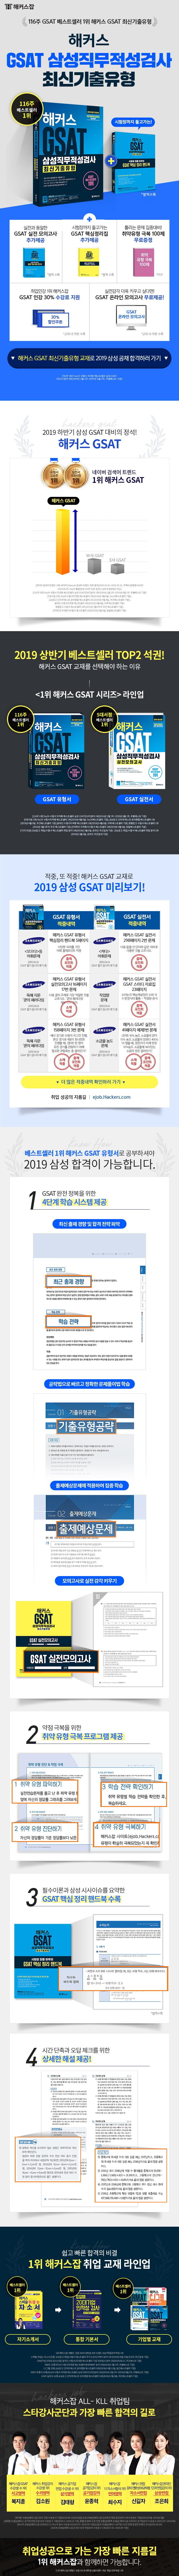 GSAT 삼성직무적성검사 최신기출유형(2019 하반기)(해커스) 도서 상세이미지